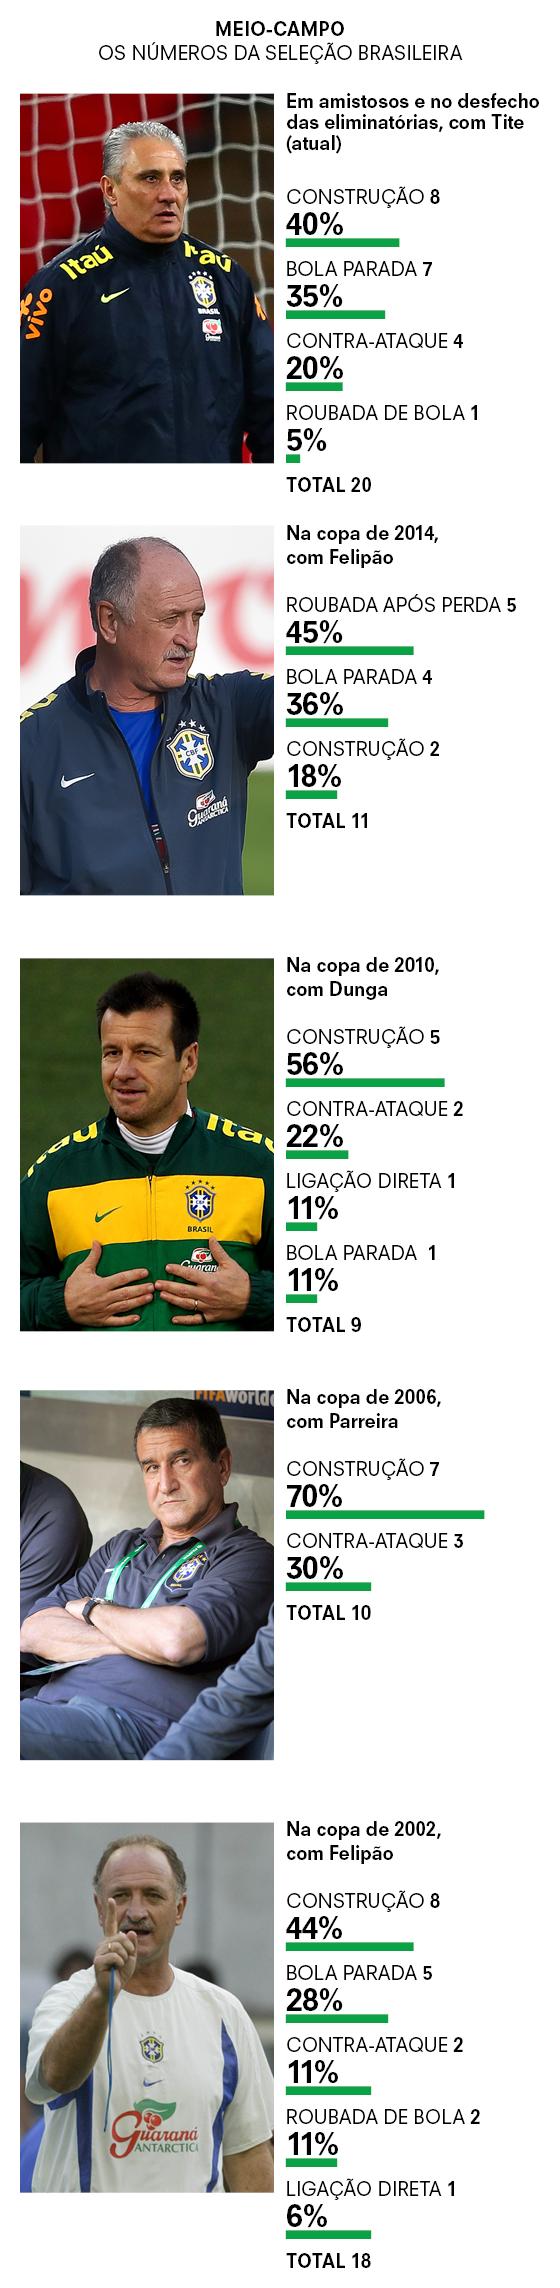 MEIO-CAMPO OS NÚMEROS DA SELEÇÃO BRASILEIRA (Foto: CLIVE ROSE/GETTY IMAGES | BUDA MENDES/GETTY IMAGES | RICHARD HEATHCOTE/GETTY IMAGES | ALEXANDER RUESCHE/EFE | IVO GONZALEZ/AGÊNCIA O GLOBO)